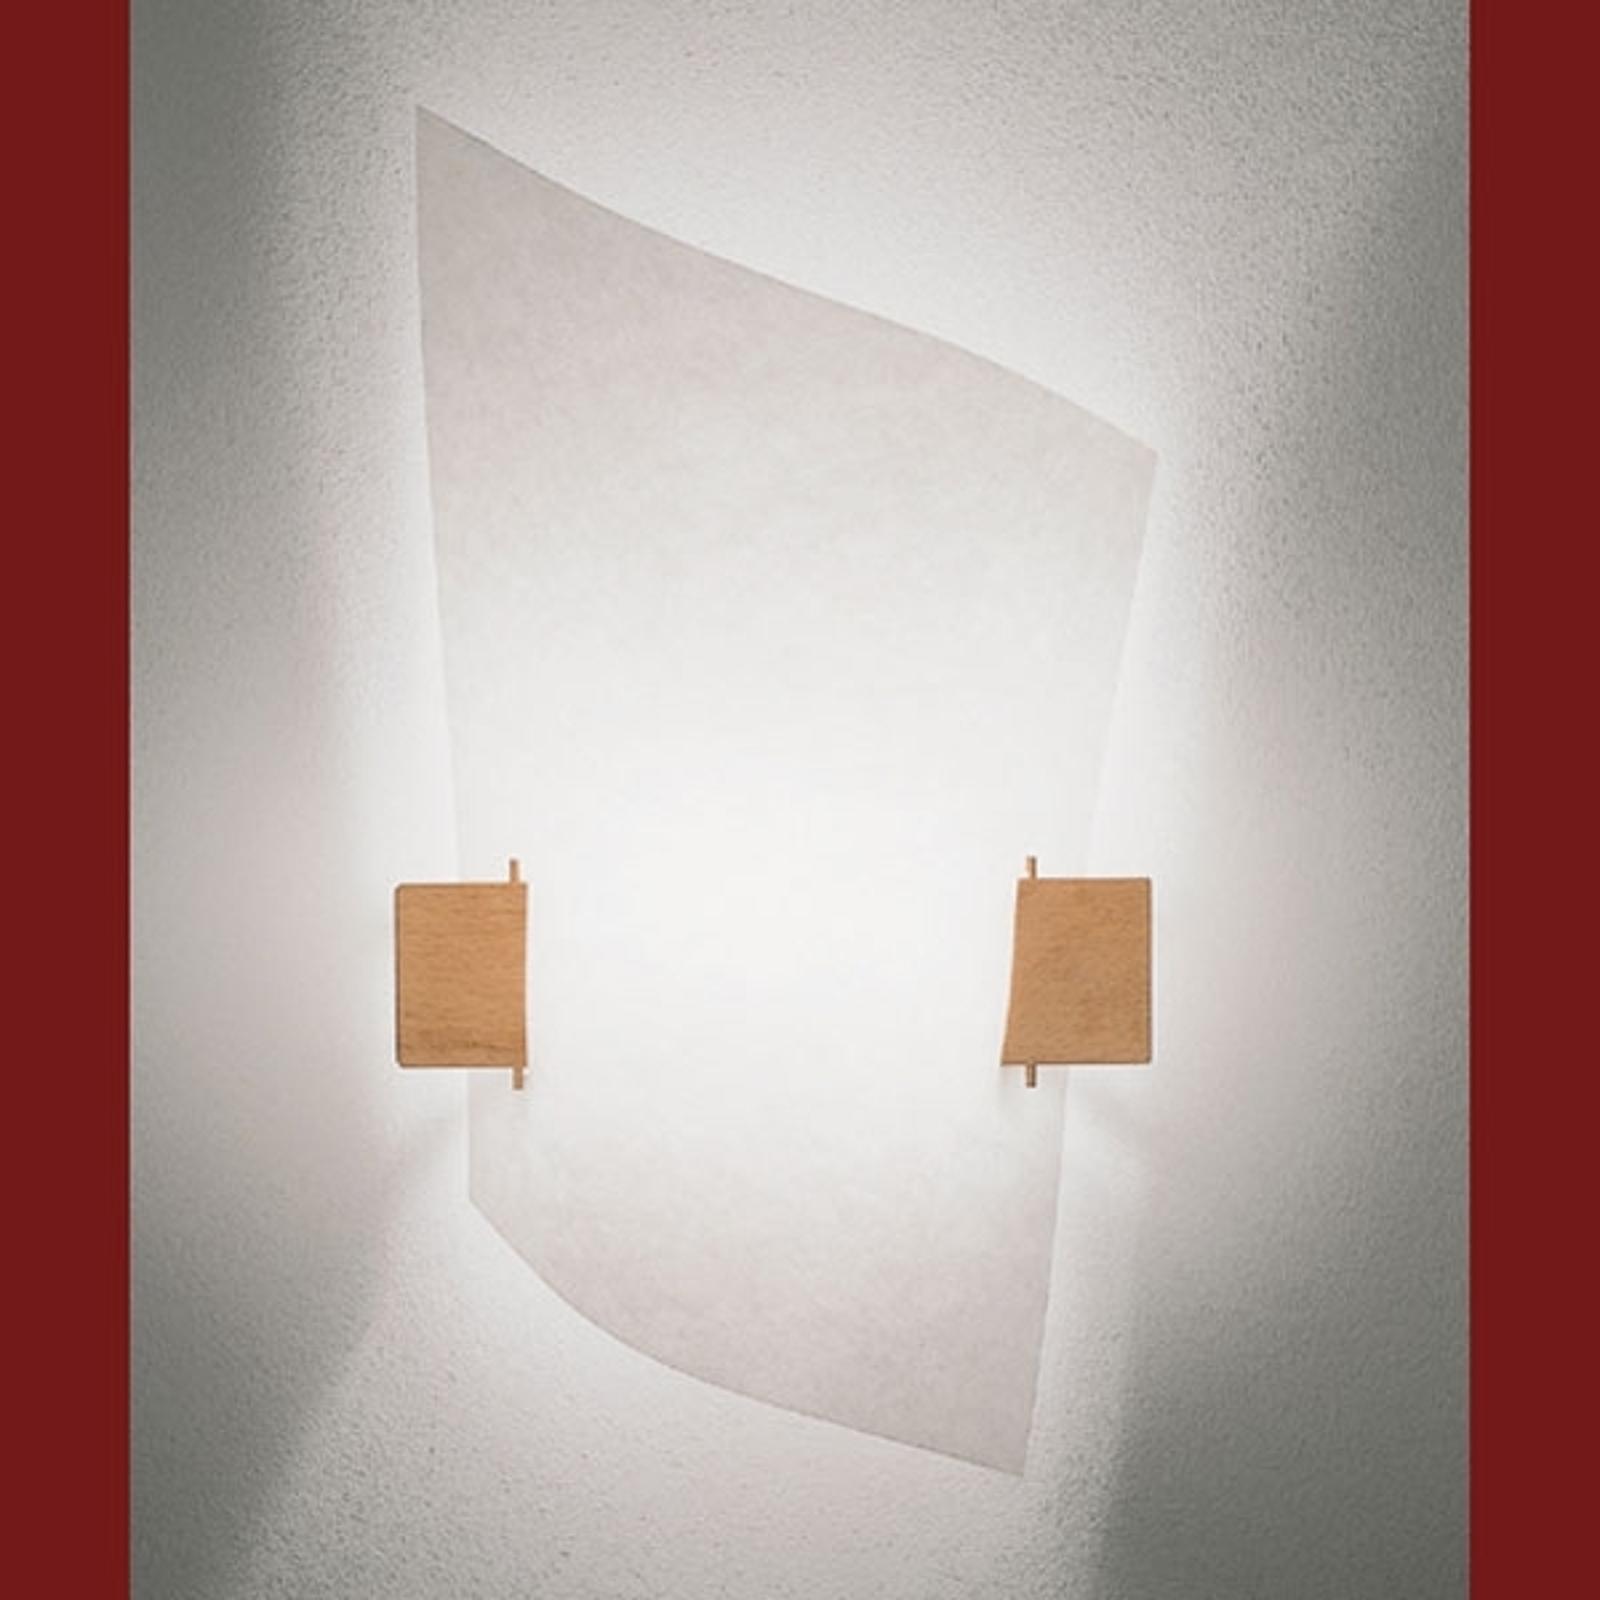 Applique de designer PLAN B avec bois clair